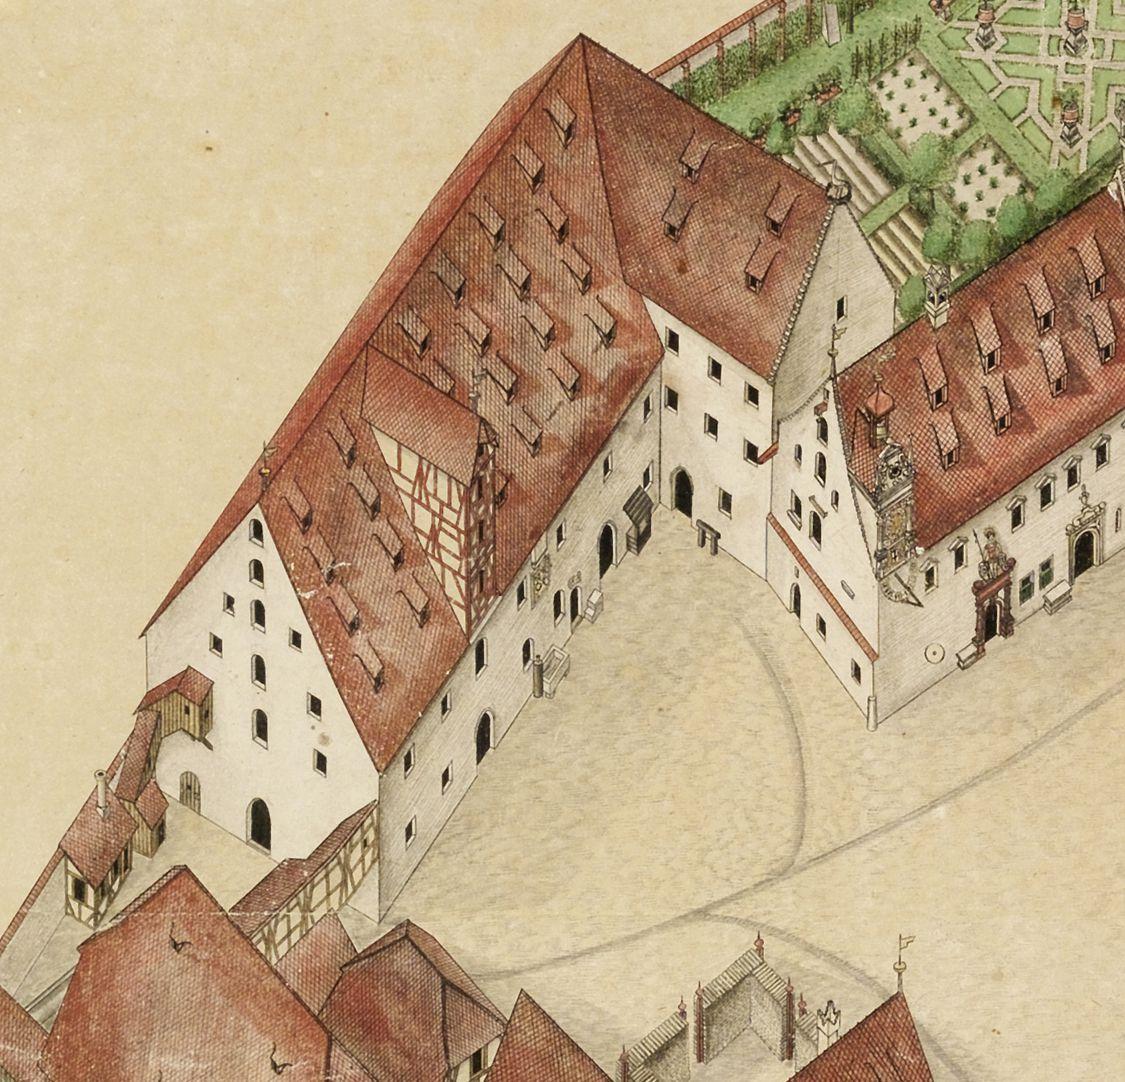 Isometrischer Riss des Deutschen Hauses zu Nürnberg aus der Vogelschau, von Südwest ausgesehen Kornspeicher mit ebenerdigen Stallungen